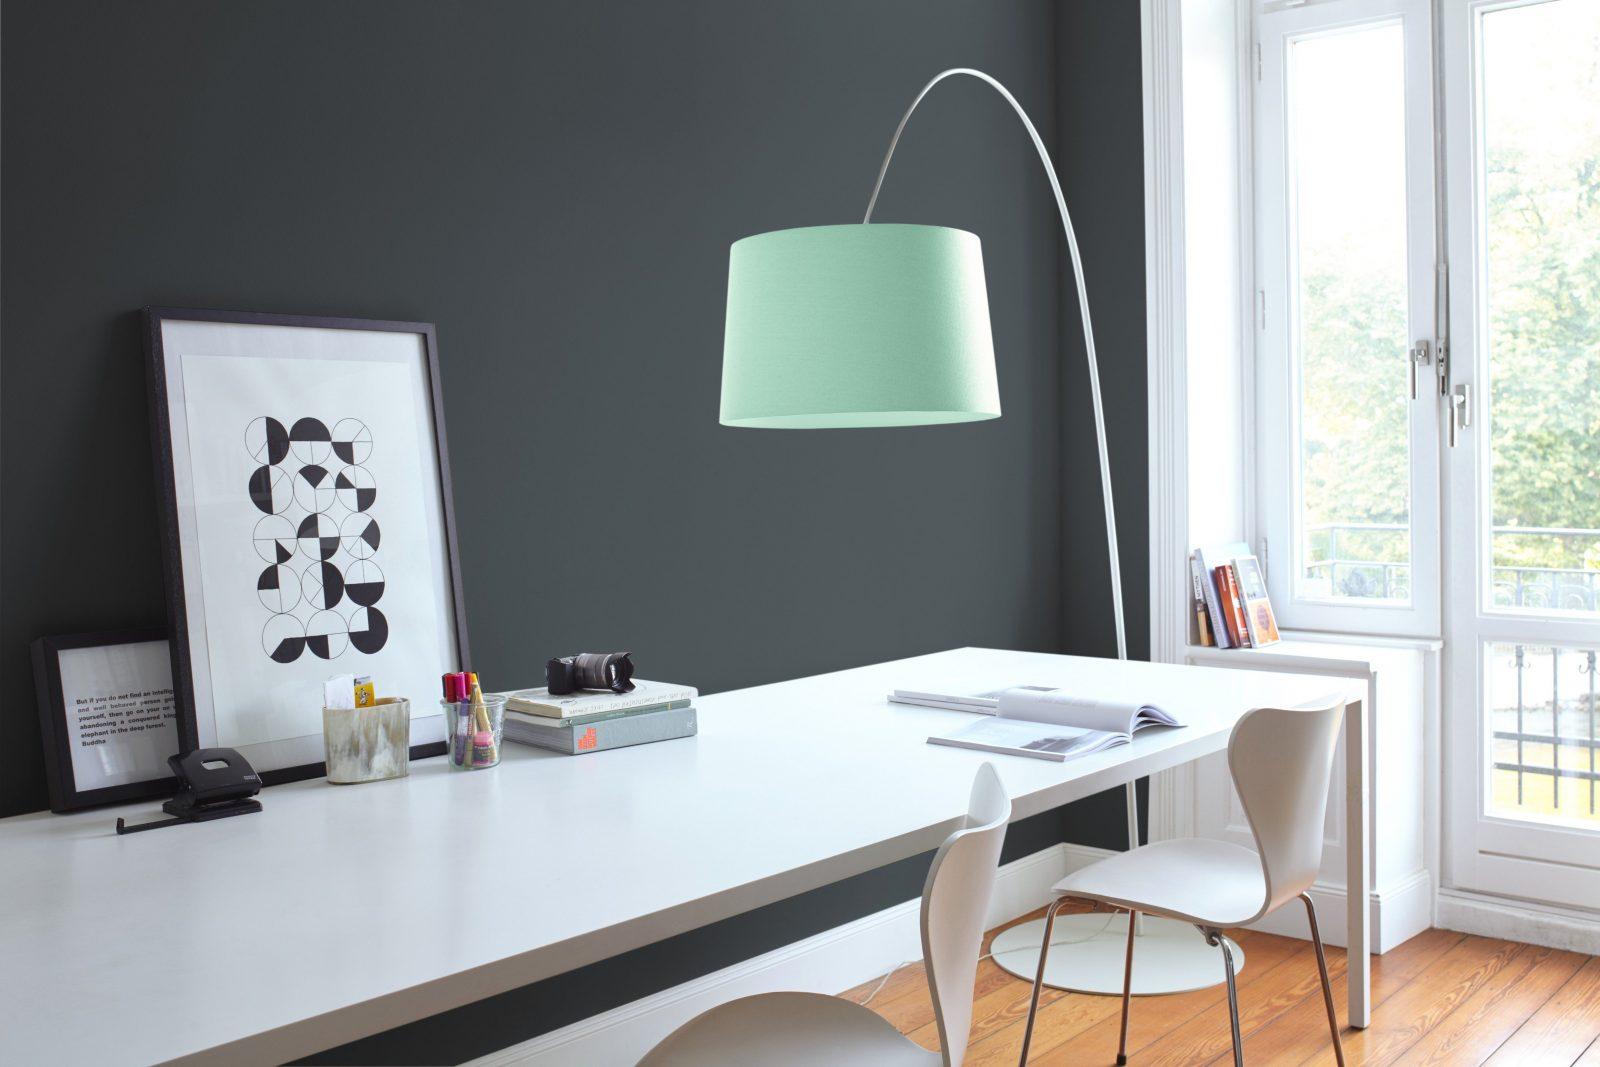 Erstaunlich Dunkle Möbel Weiß Streichen Welche Passt In Welches von Dunkle Möbel Weiß Streichen Photo